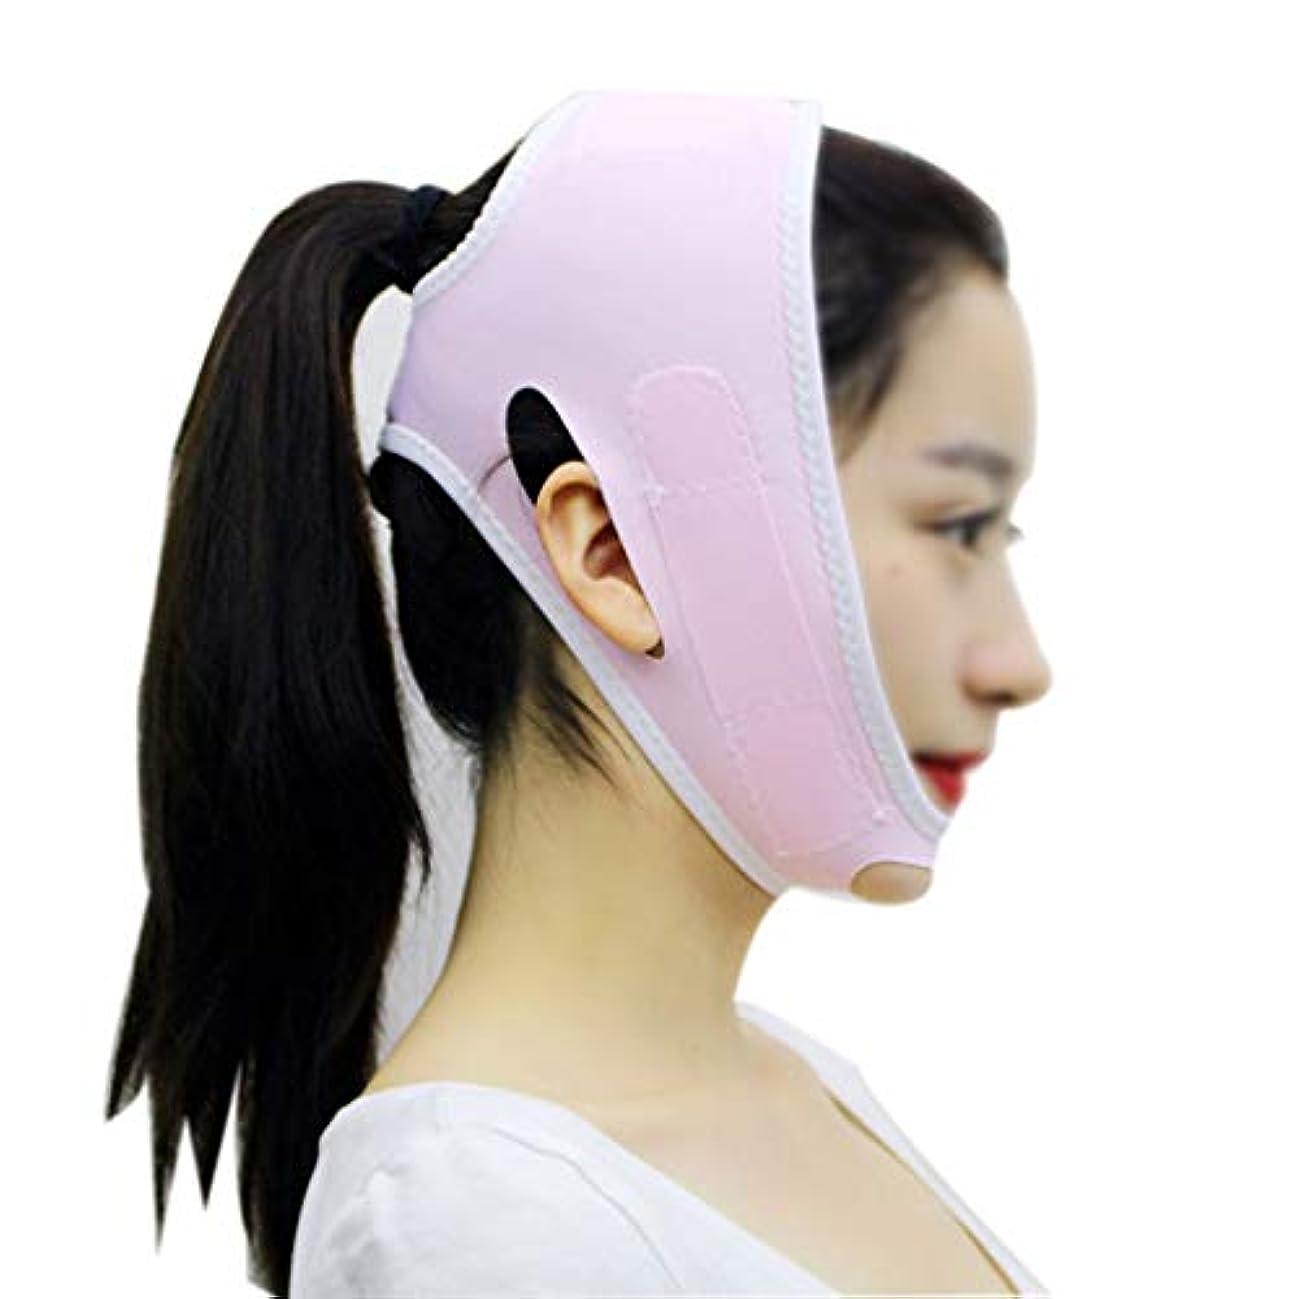 宿る令状インフラTLMY 引き締め肌の薄い二重あごマスクを強化するためのフェイスリフティング包帯回復マスク 顔用整形マスク (Color : Pink)